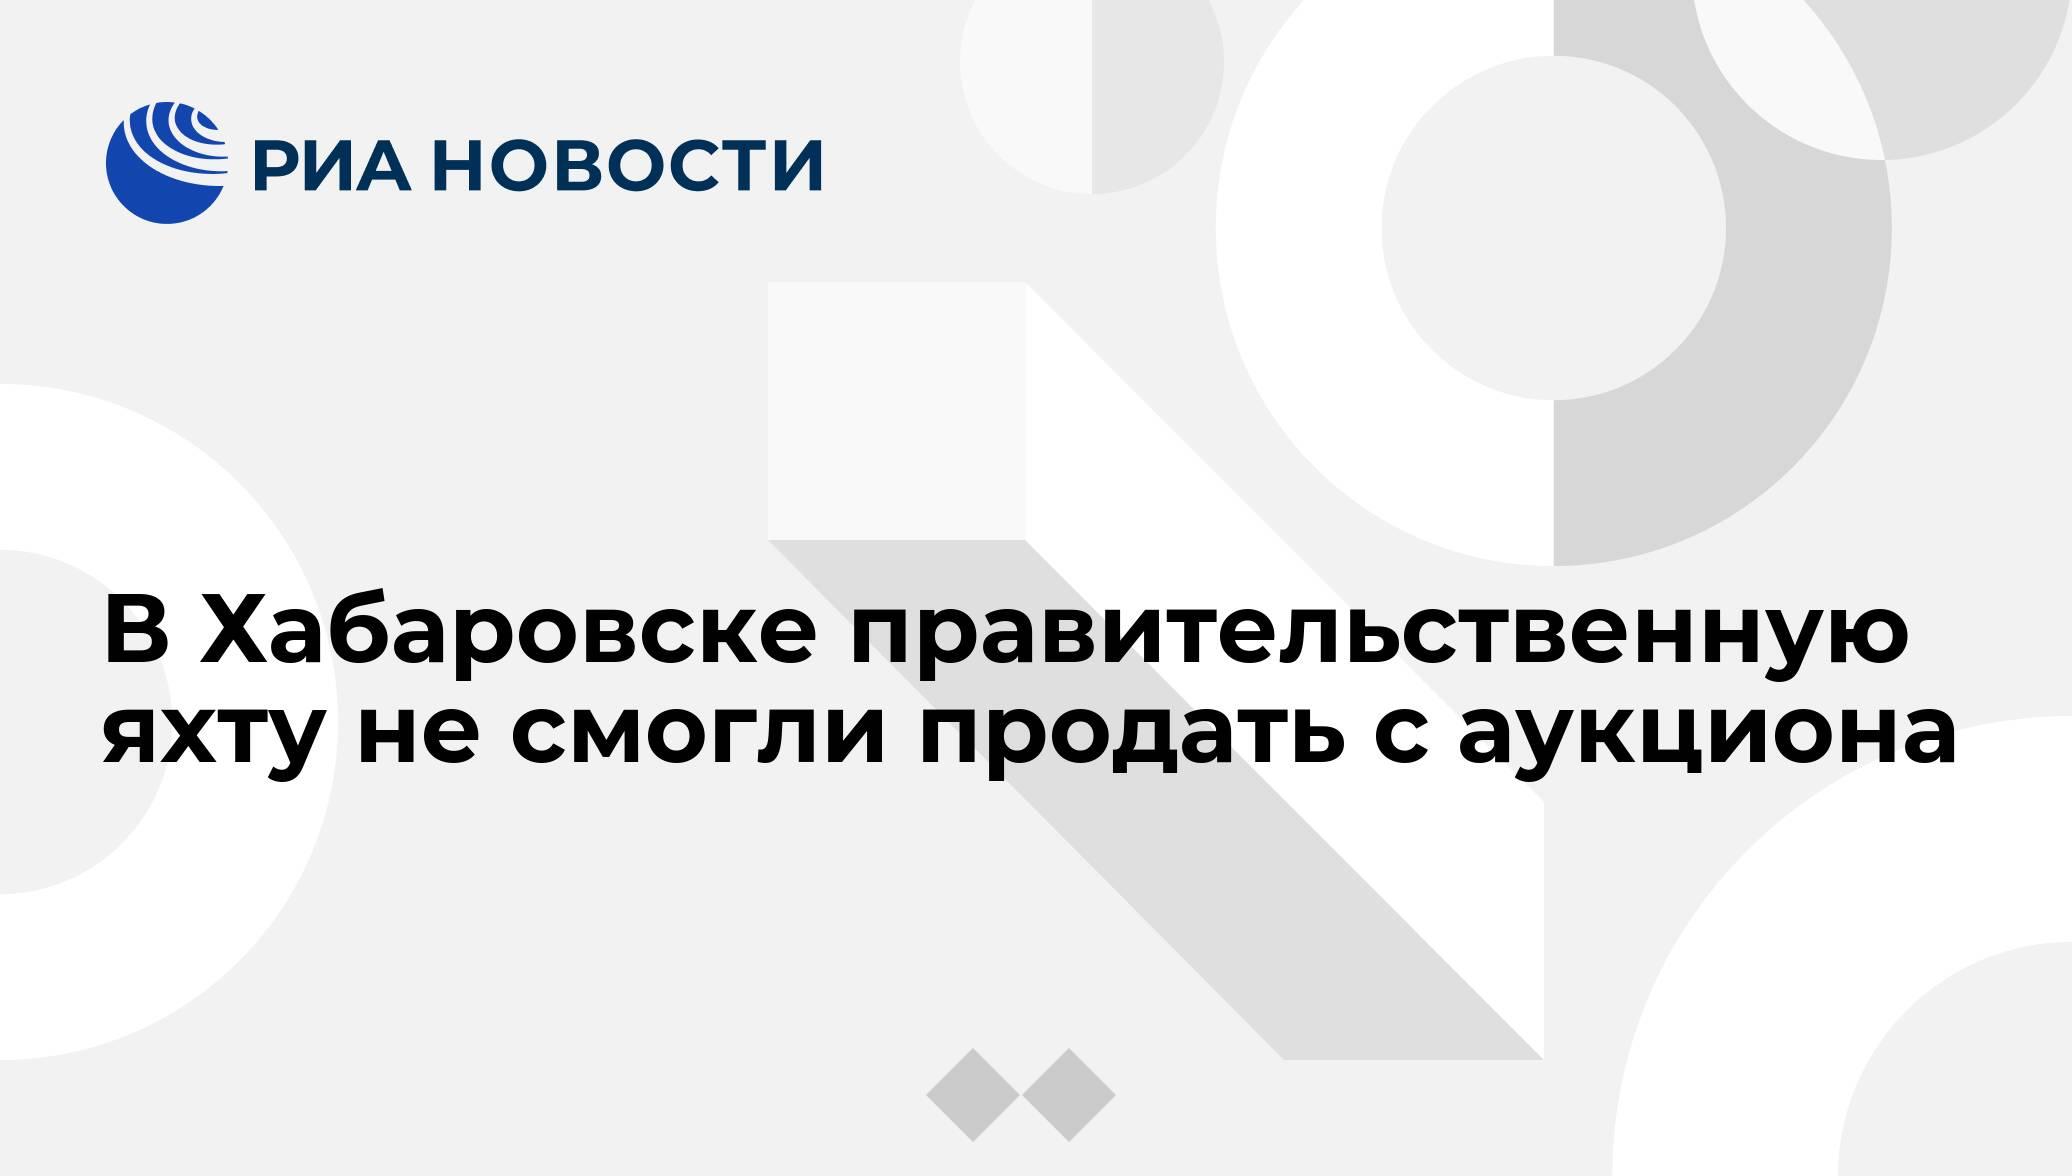 В Хабаровске правительственную яхту не смогли продать с аукциона